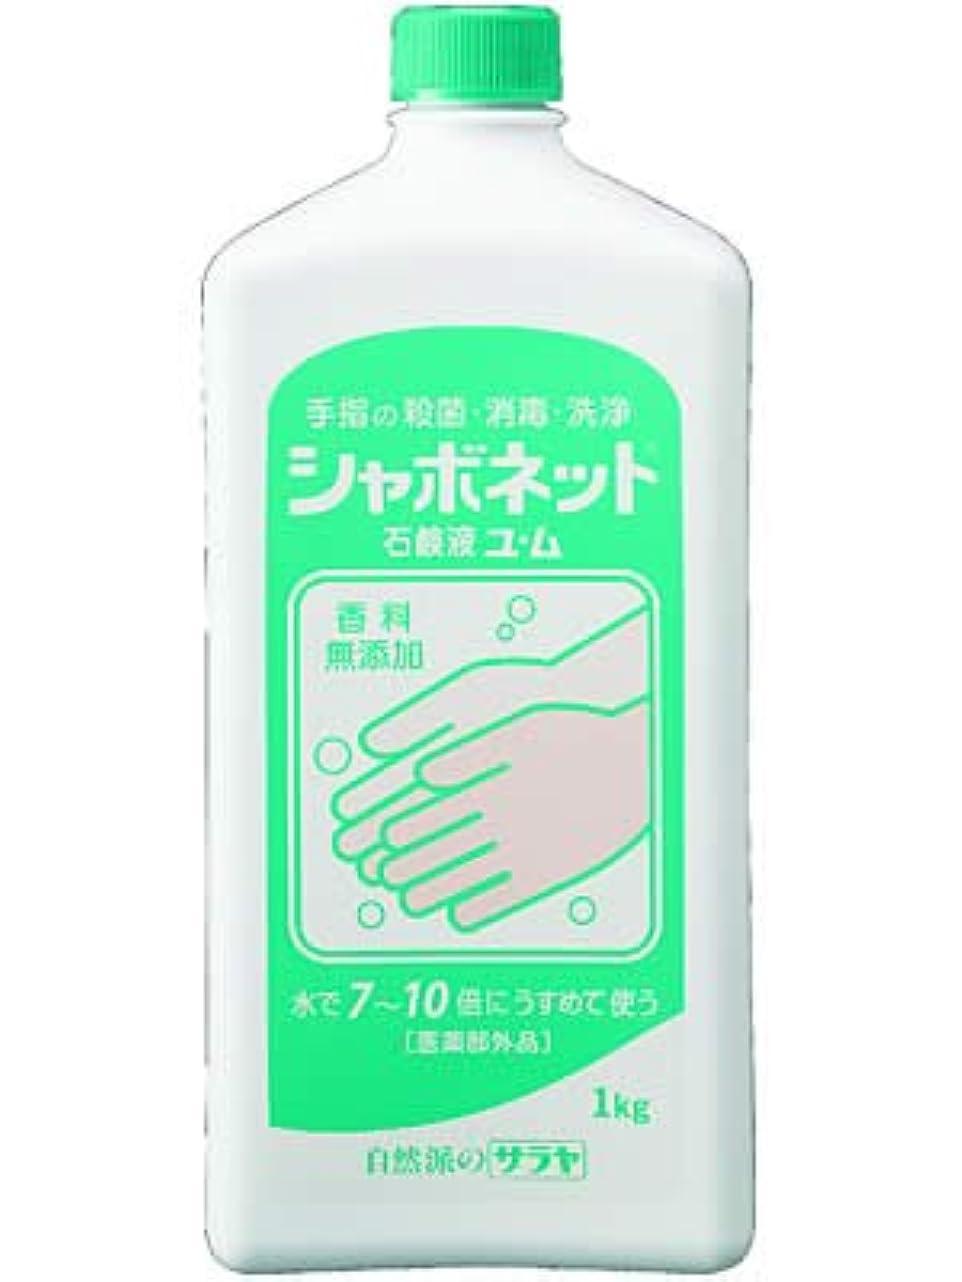 ファンド慢性的出血シャボネット 石鹸液 ユ?ム 1kg ×6個セット